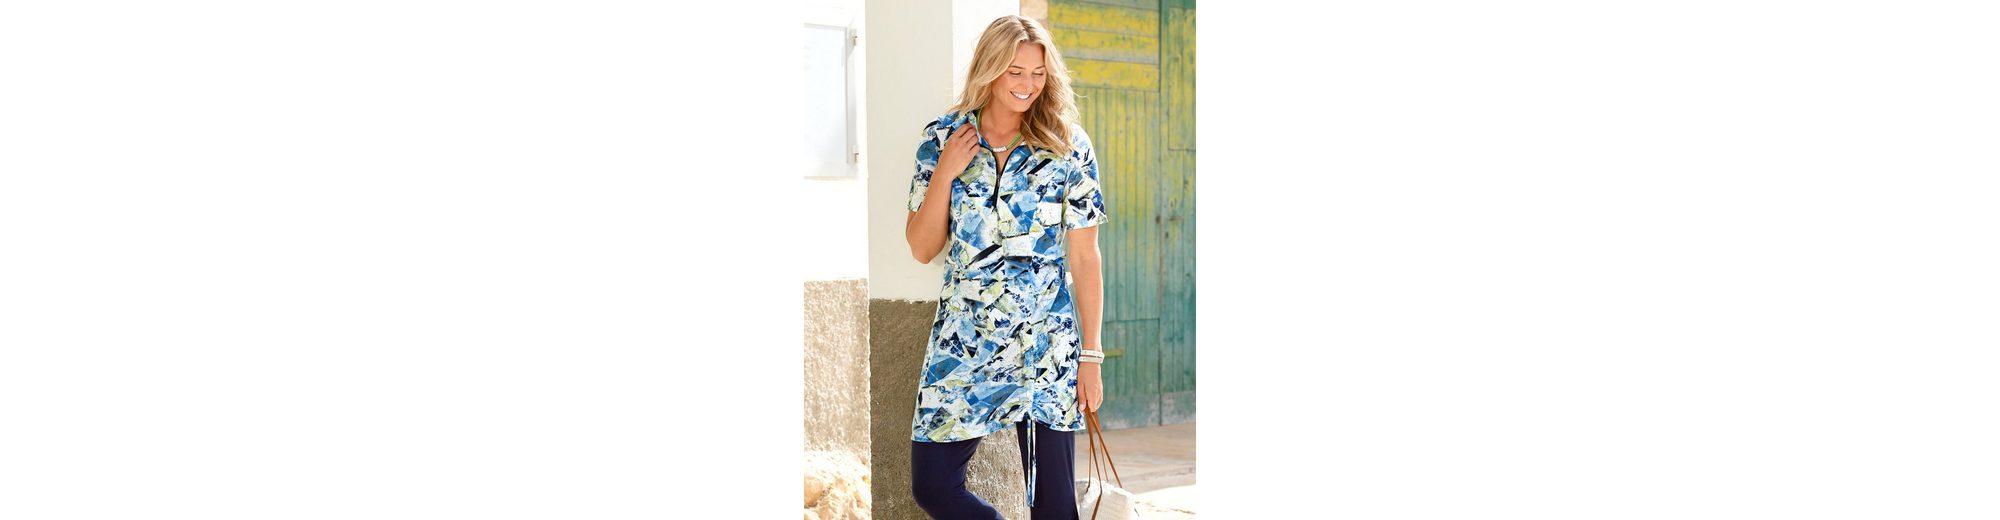 MIAMODA Shirtkleid am Saum zum Raffen Günstig Kaufen Spielraum Store Online Günstig Online Billig Verkauf Outlet-Store Aaa Qualität amI07Bjx